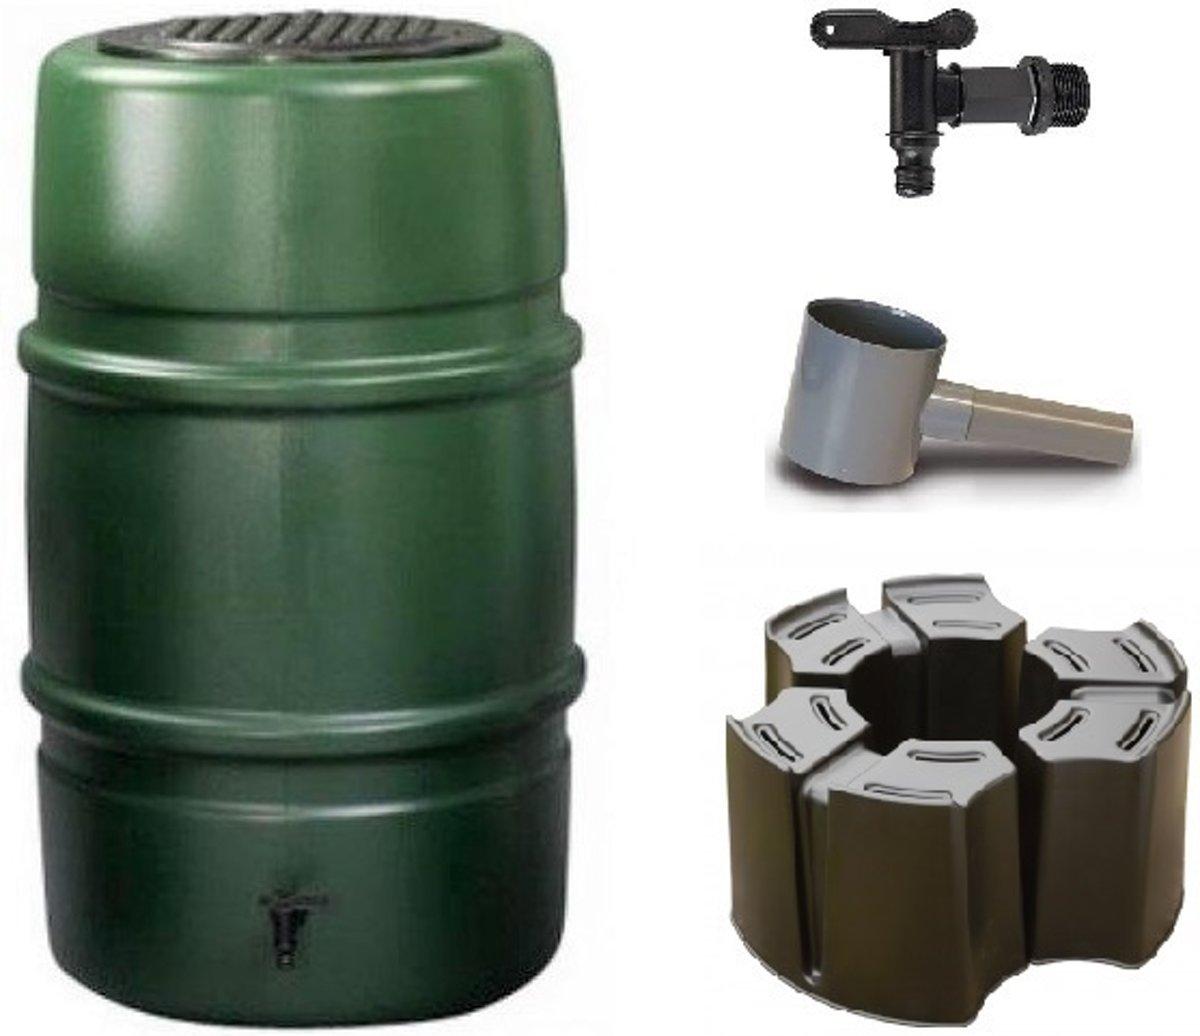 Regenton voordeelset | Harcostar 227liter groen + Harcostar standaard + Harcostar vulautomaat 70/80mm. Goedkope regentonset met kindveilig deksel incl